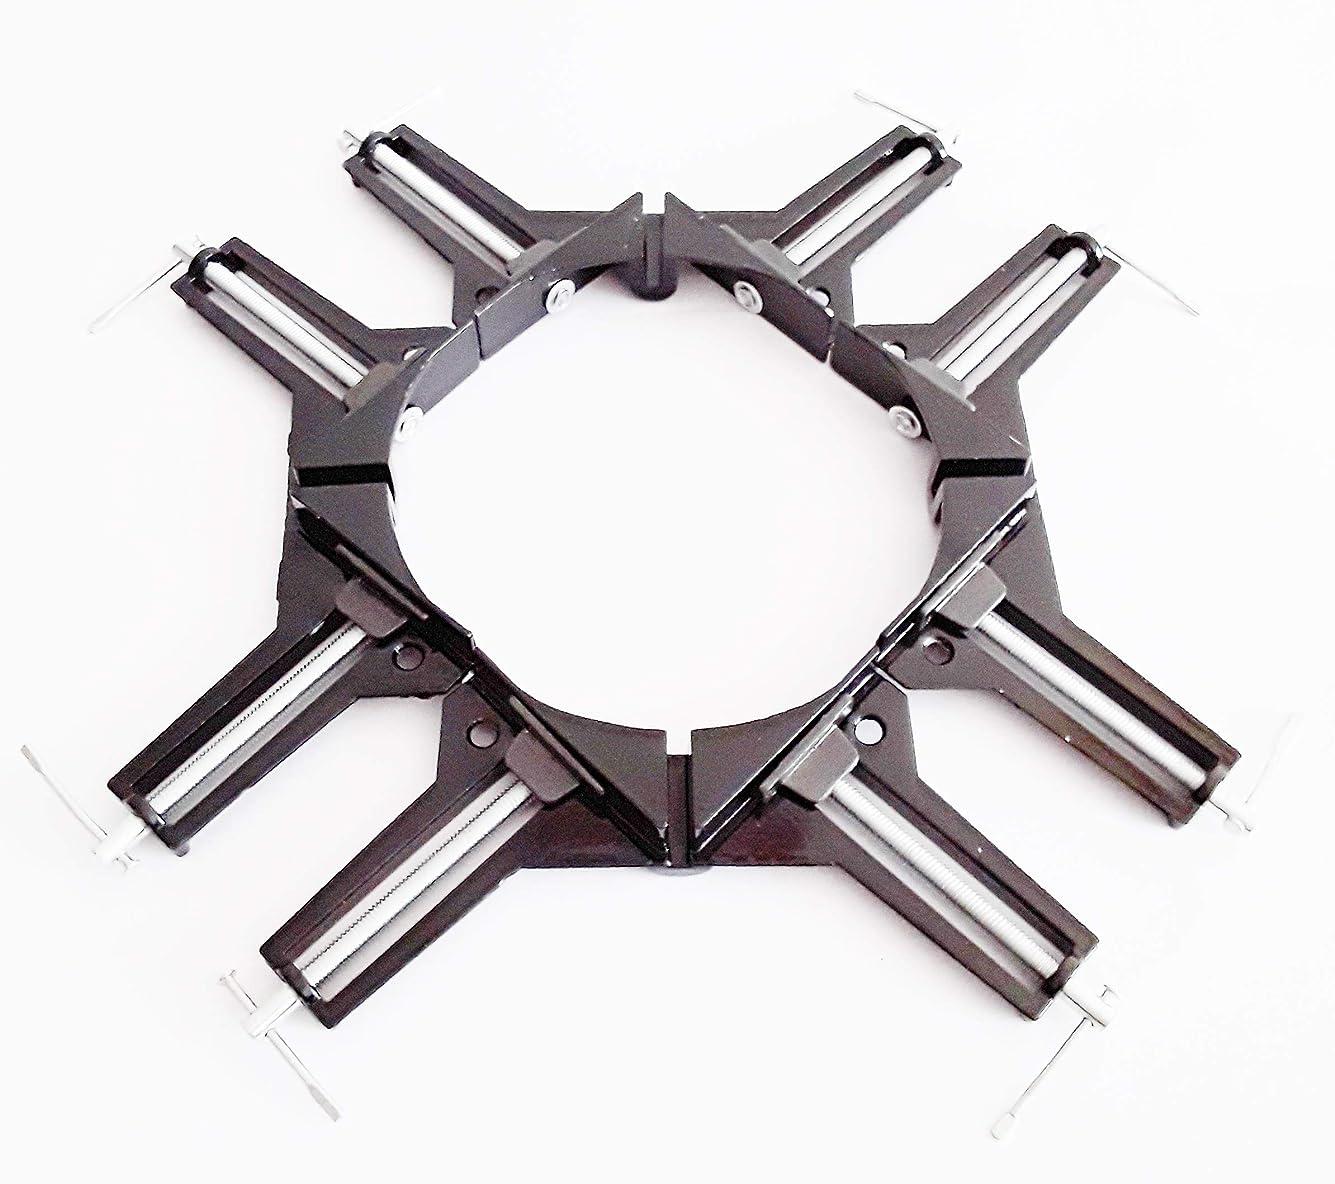 イサカお別れ若者コーナー クランプ 4個 セット 固定 木工 溶接 直角 90 度 DIY 工具 ブラック